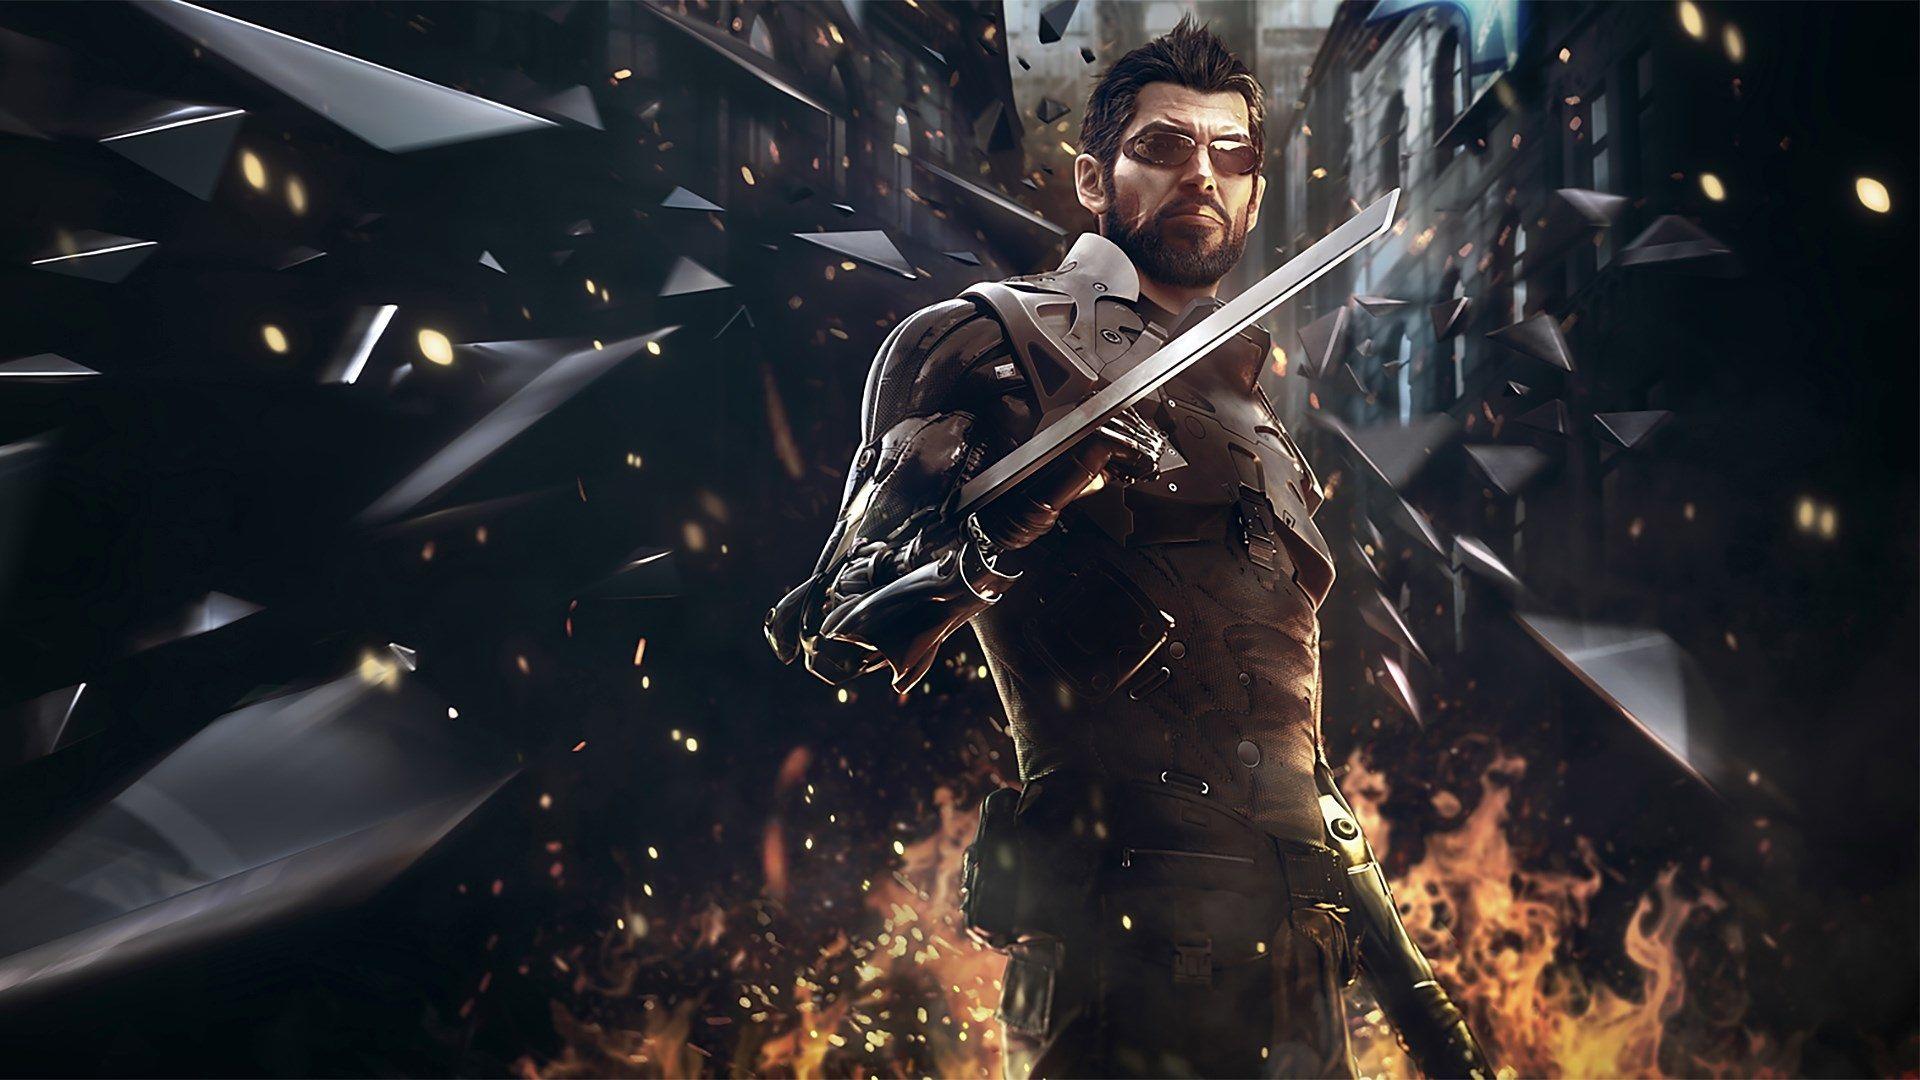 1920x1080 Games Hr Wallpaper Deus Ex Mankind Deus Ex Mankind Divided Deus Ex